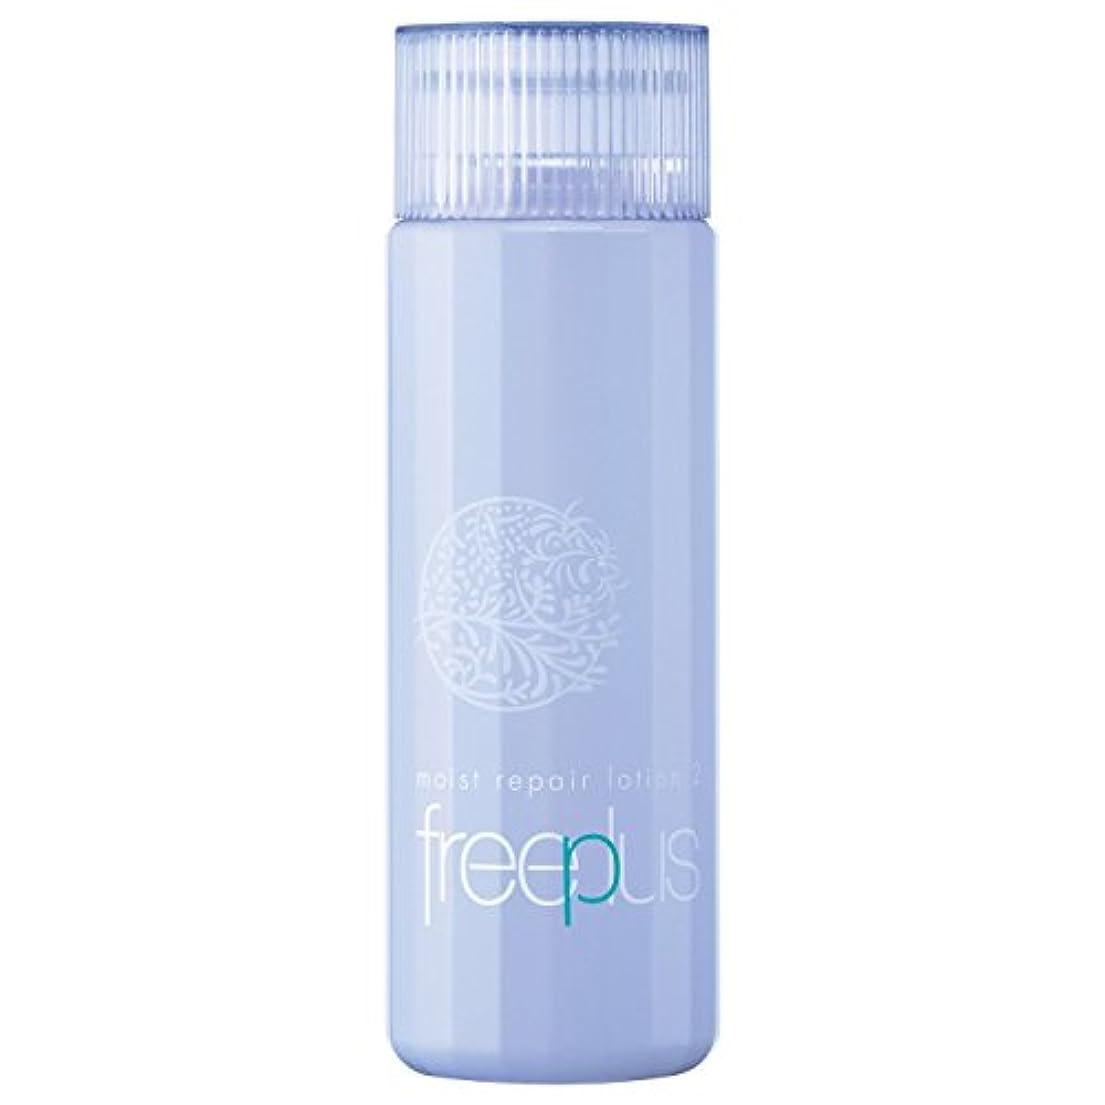 郵便番号ロビー八フリープラス モイストリペアローション2(しっとりタイプ)(薬用保湿化粧水)